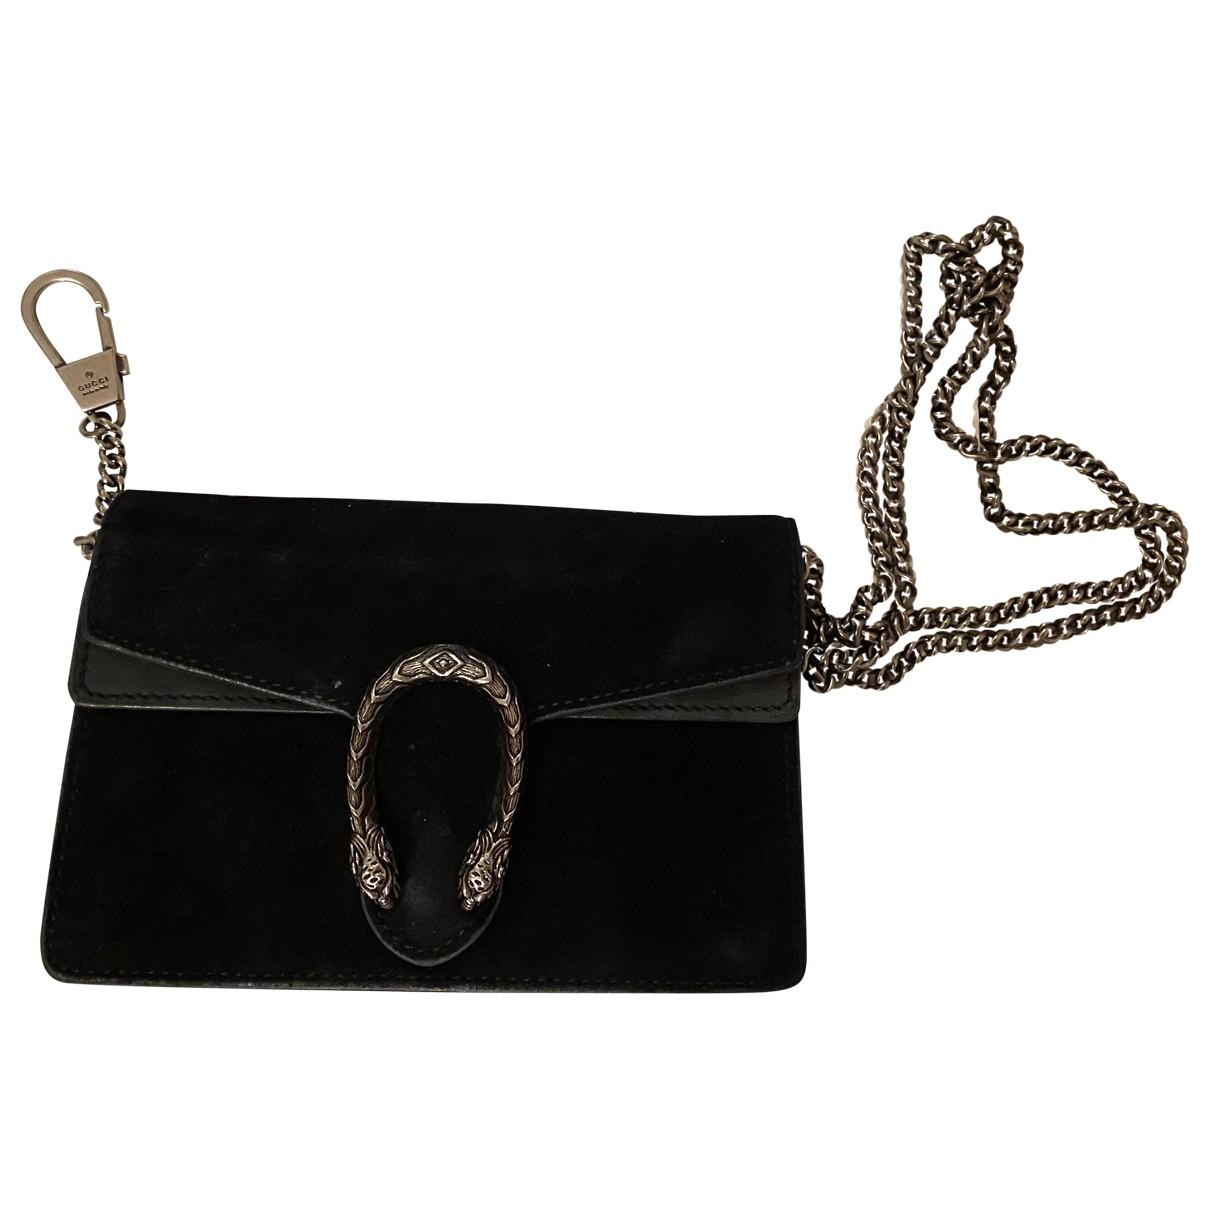 Gucci - Sac a main Dionysus pour femme en velours - noir